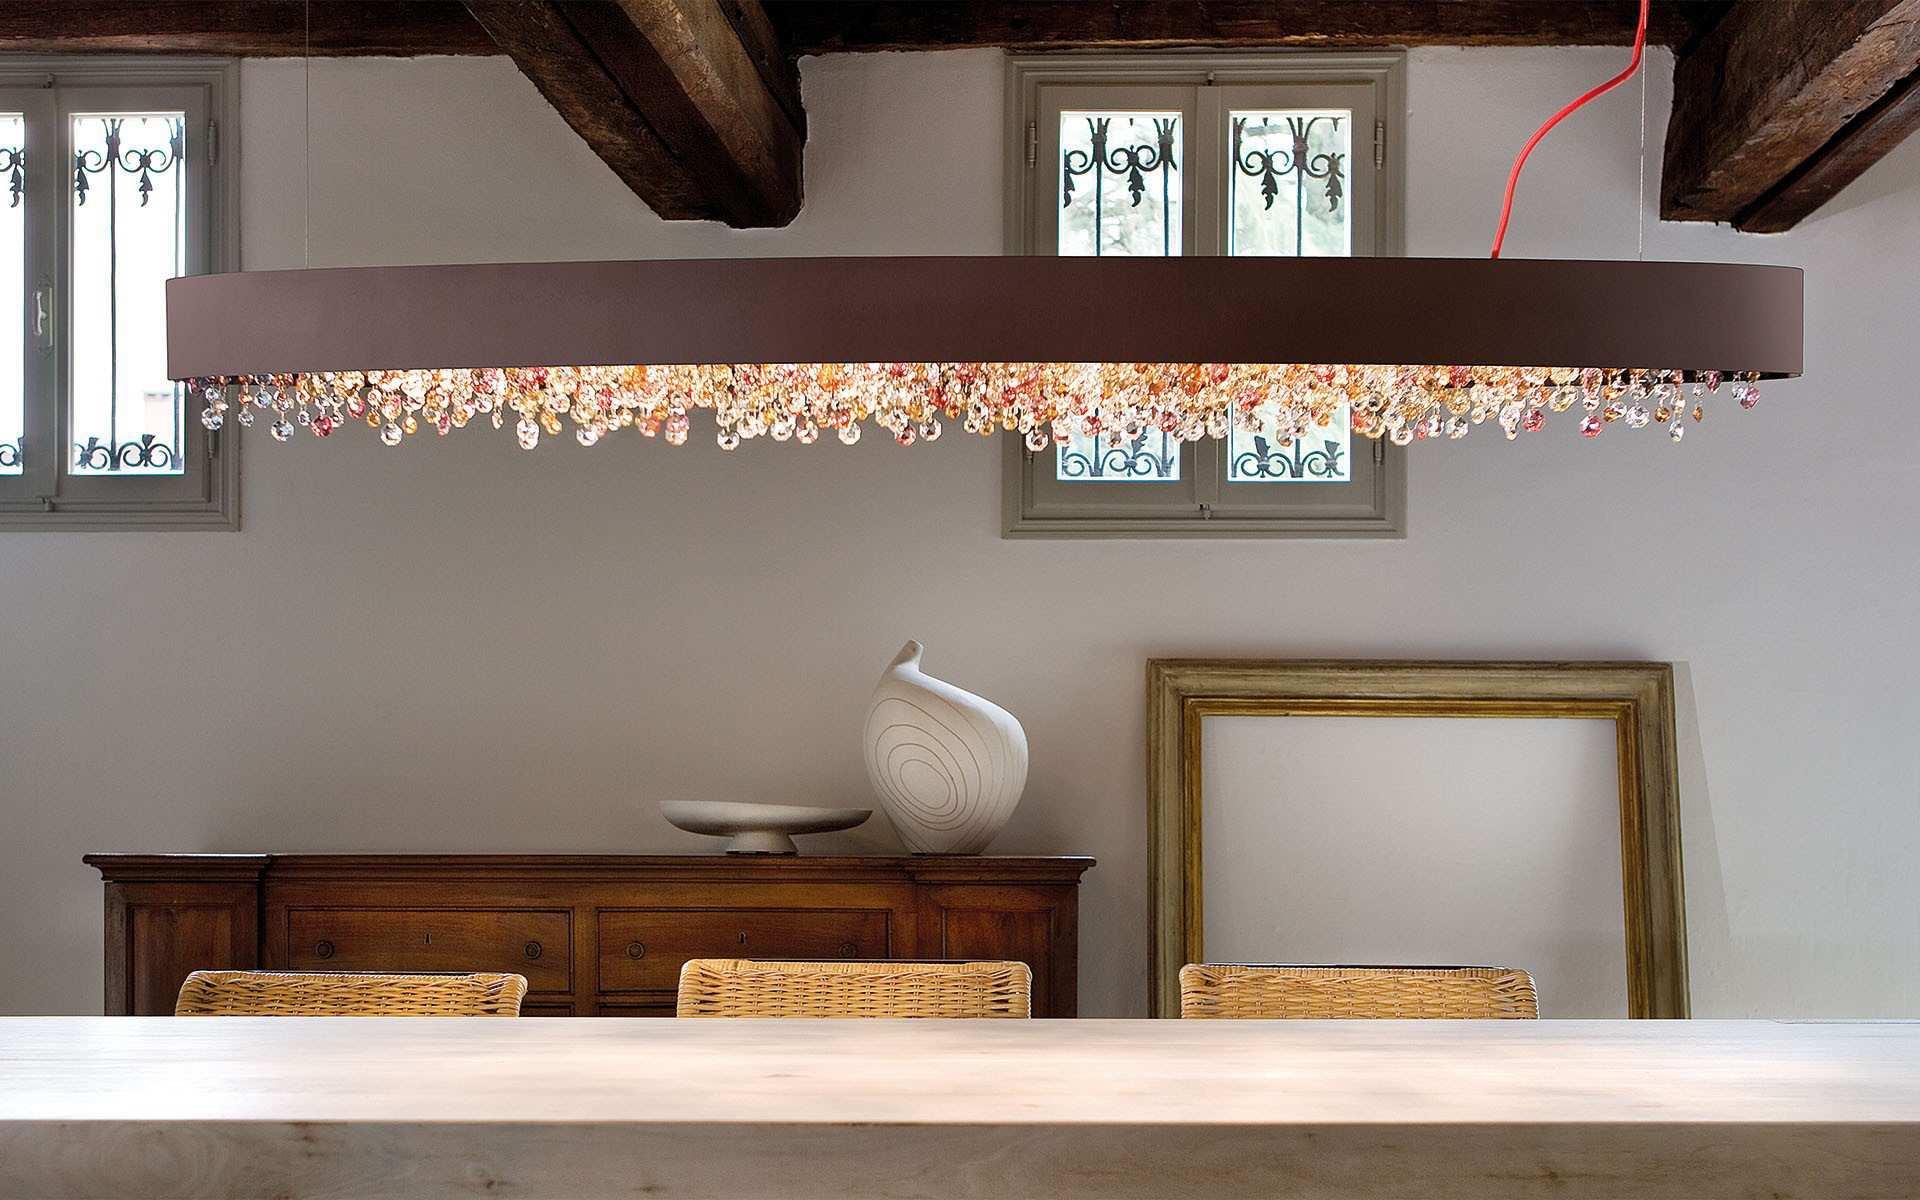 Ola S6 OV160, lampa wisząca, lampa kryształowa